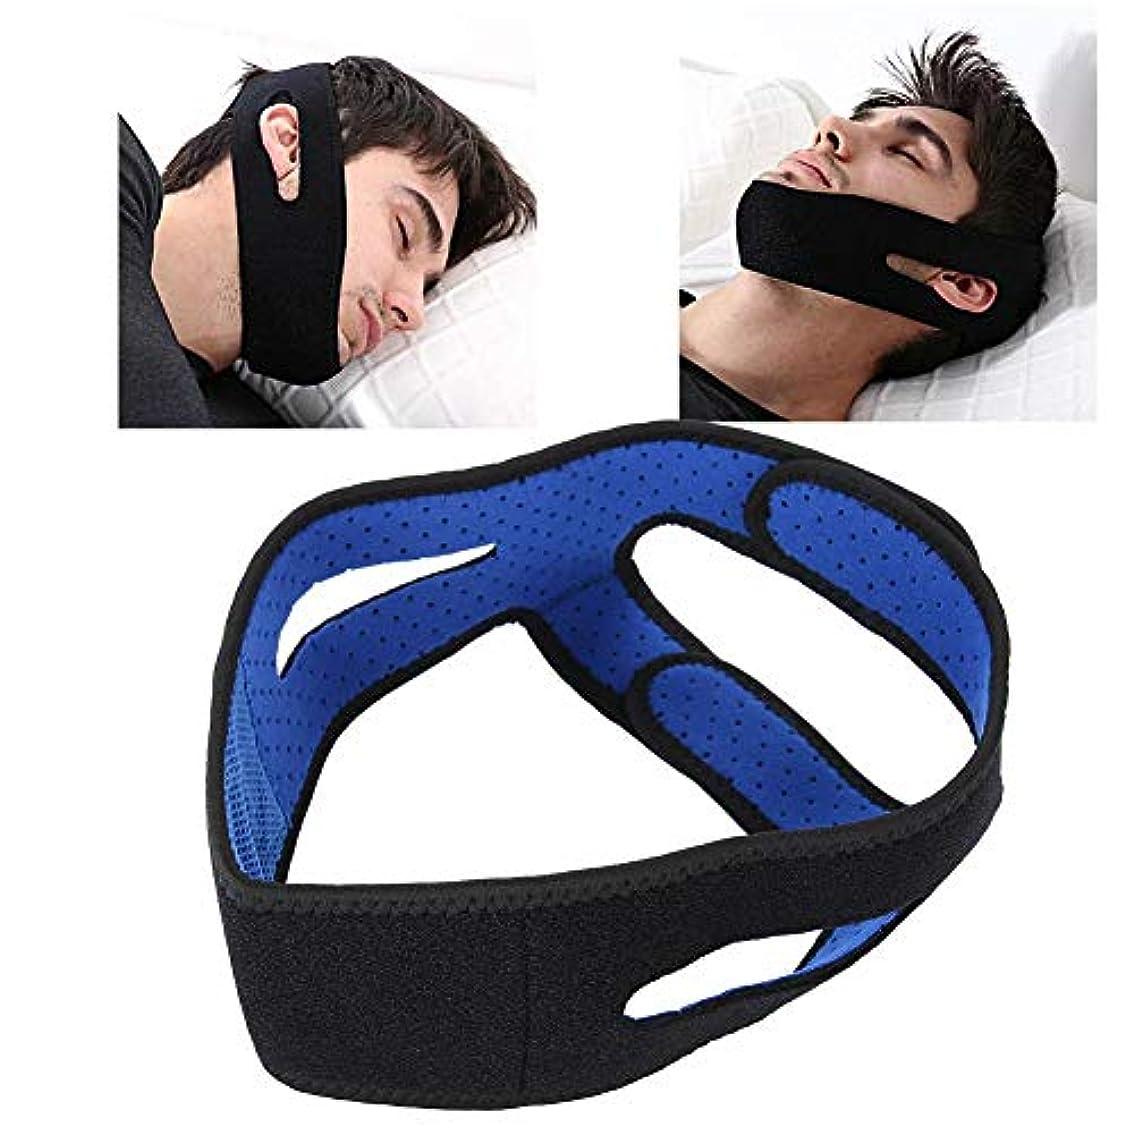 五スローガン掃除あごサポートストラップ、男性と女性のいびきを眠るための調節可能な顎あごひげの顔の持ち上がるベルト